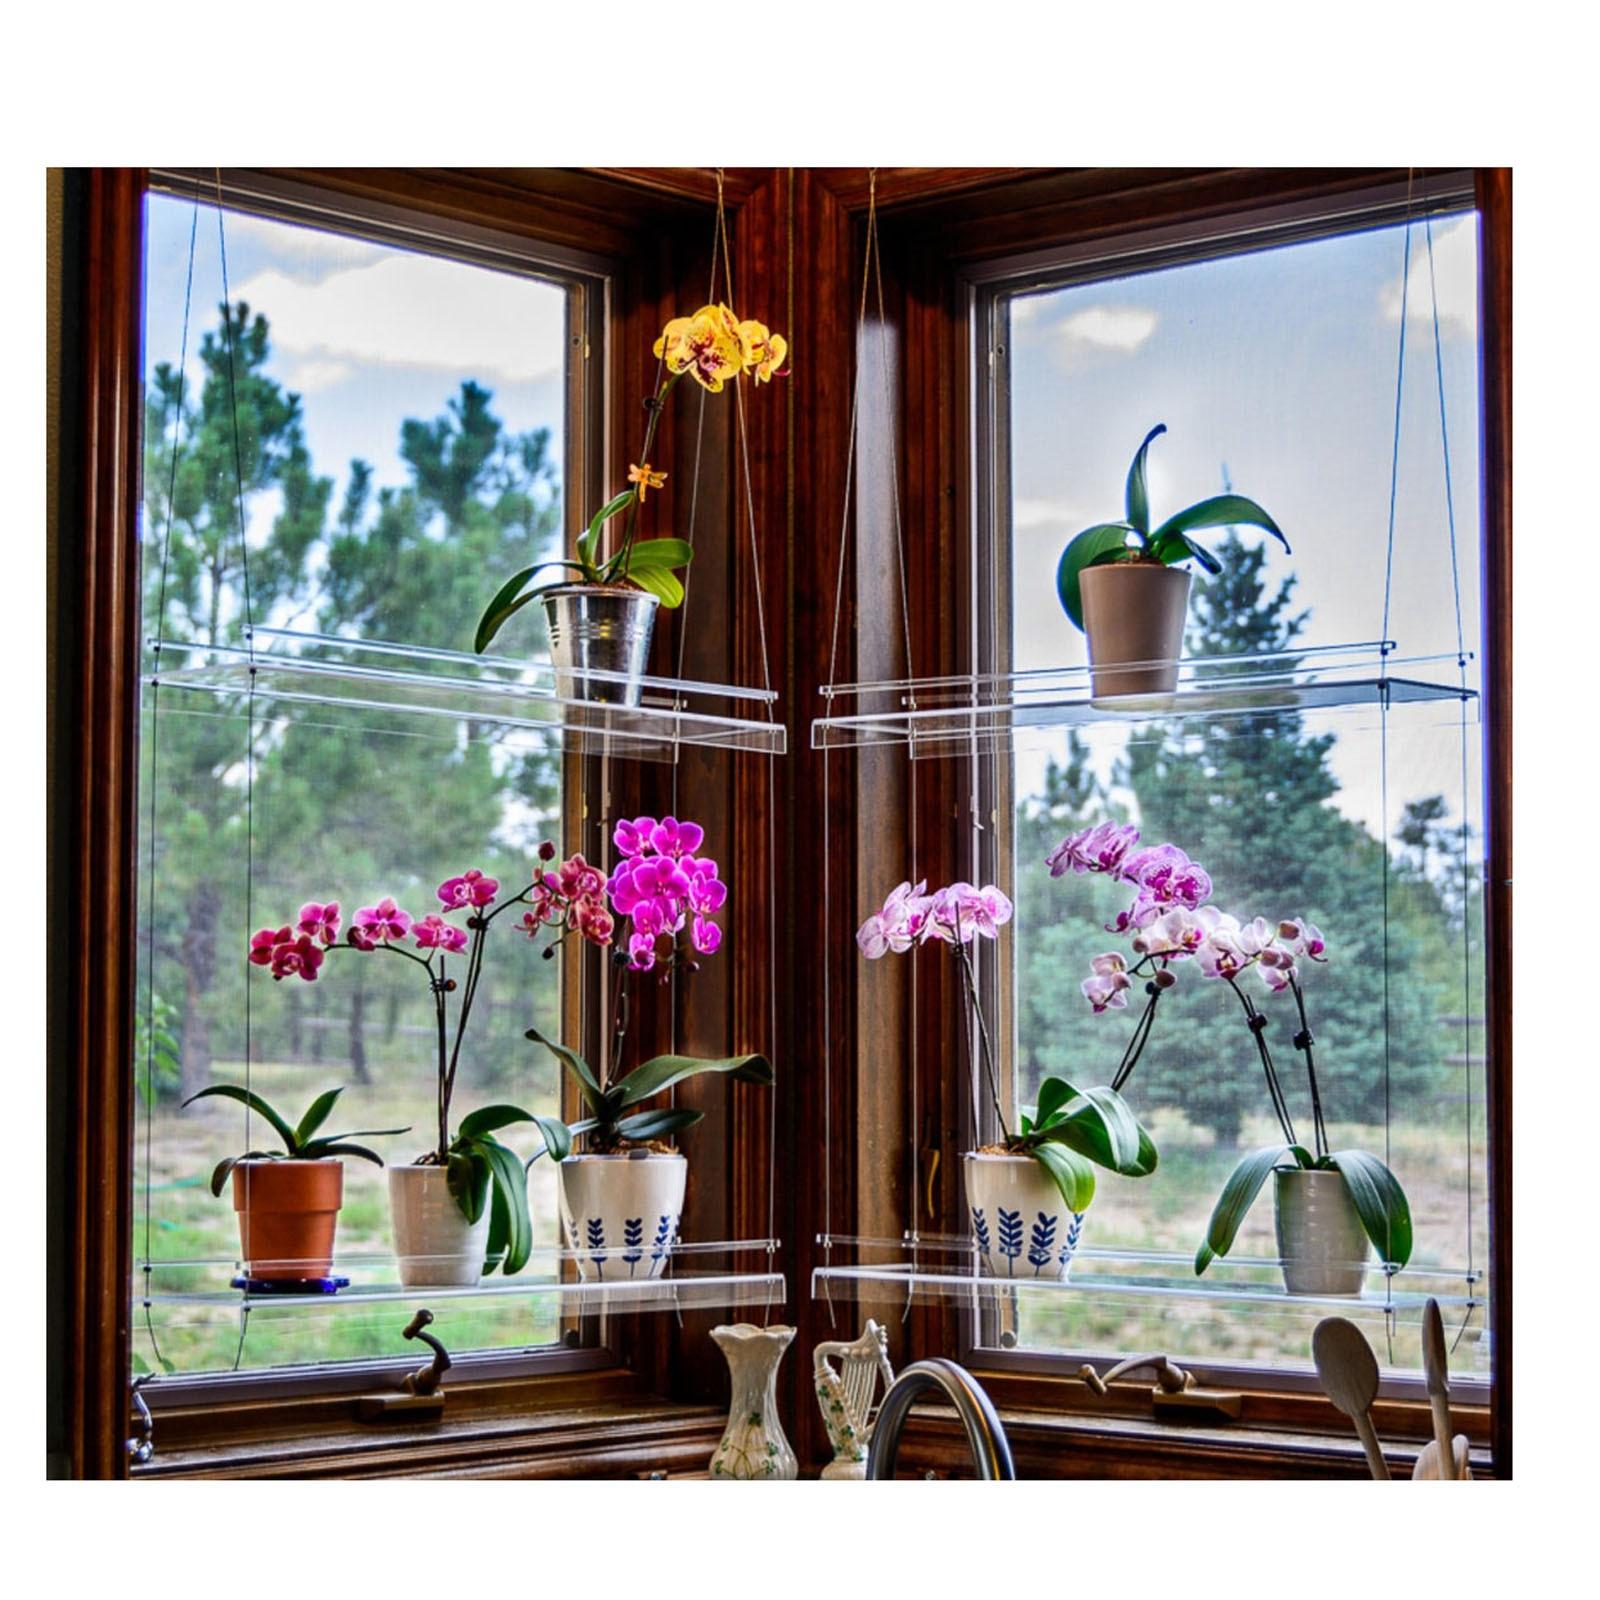 رف للنباتات نافذة الحمام أو المطبخ نافذة النبات الجرف رف معلق رفوف النباتات حامل النبات ديكور حديقة داخلي-0.5